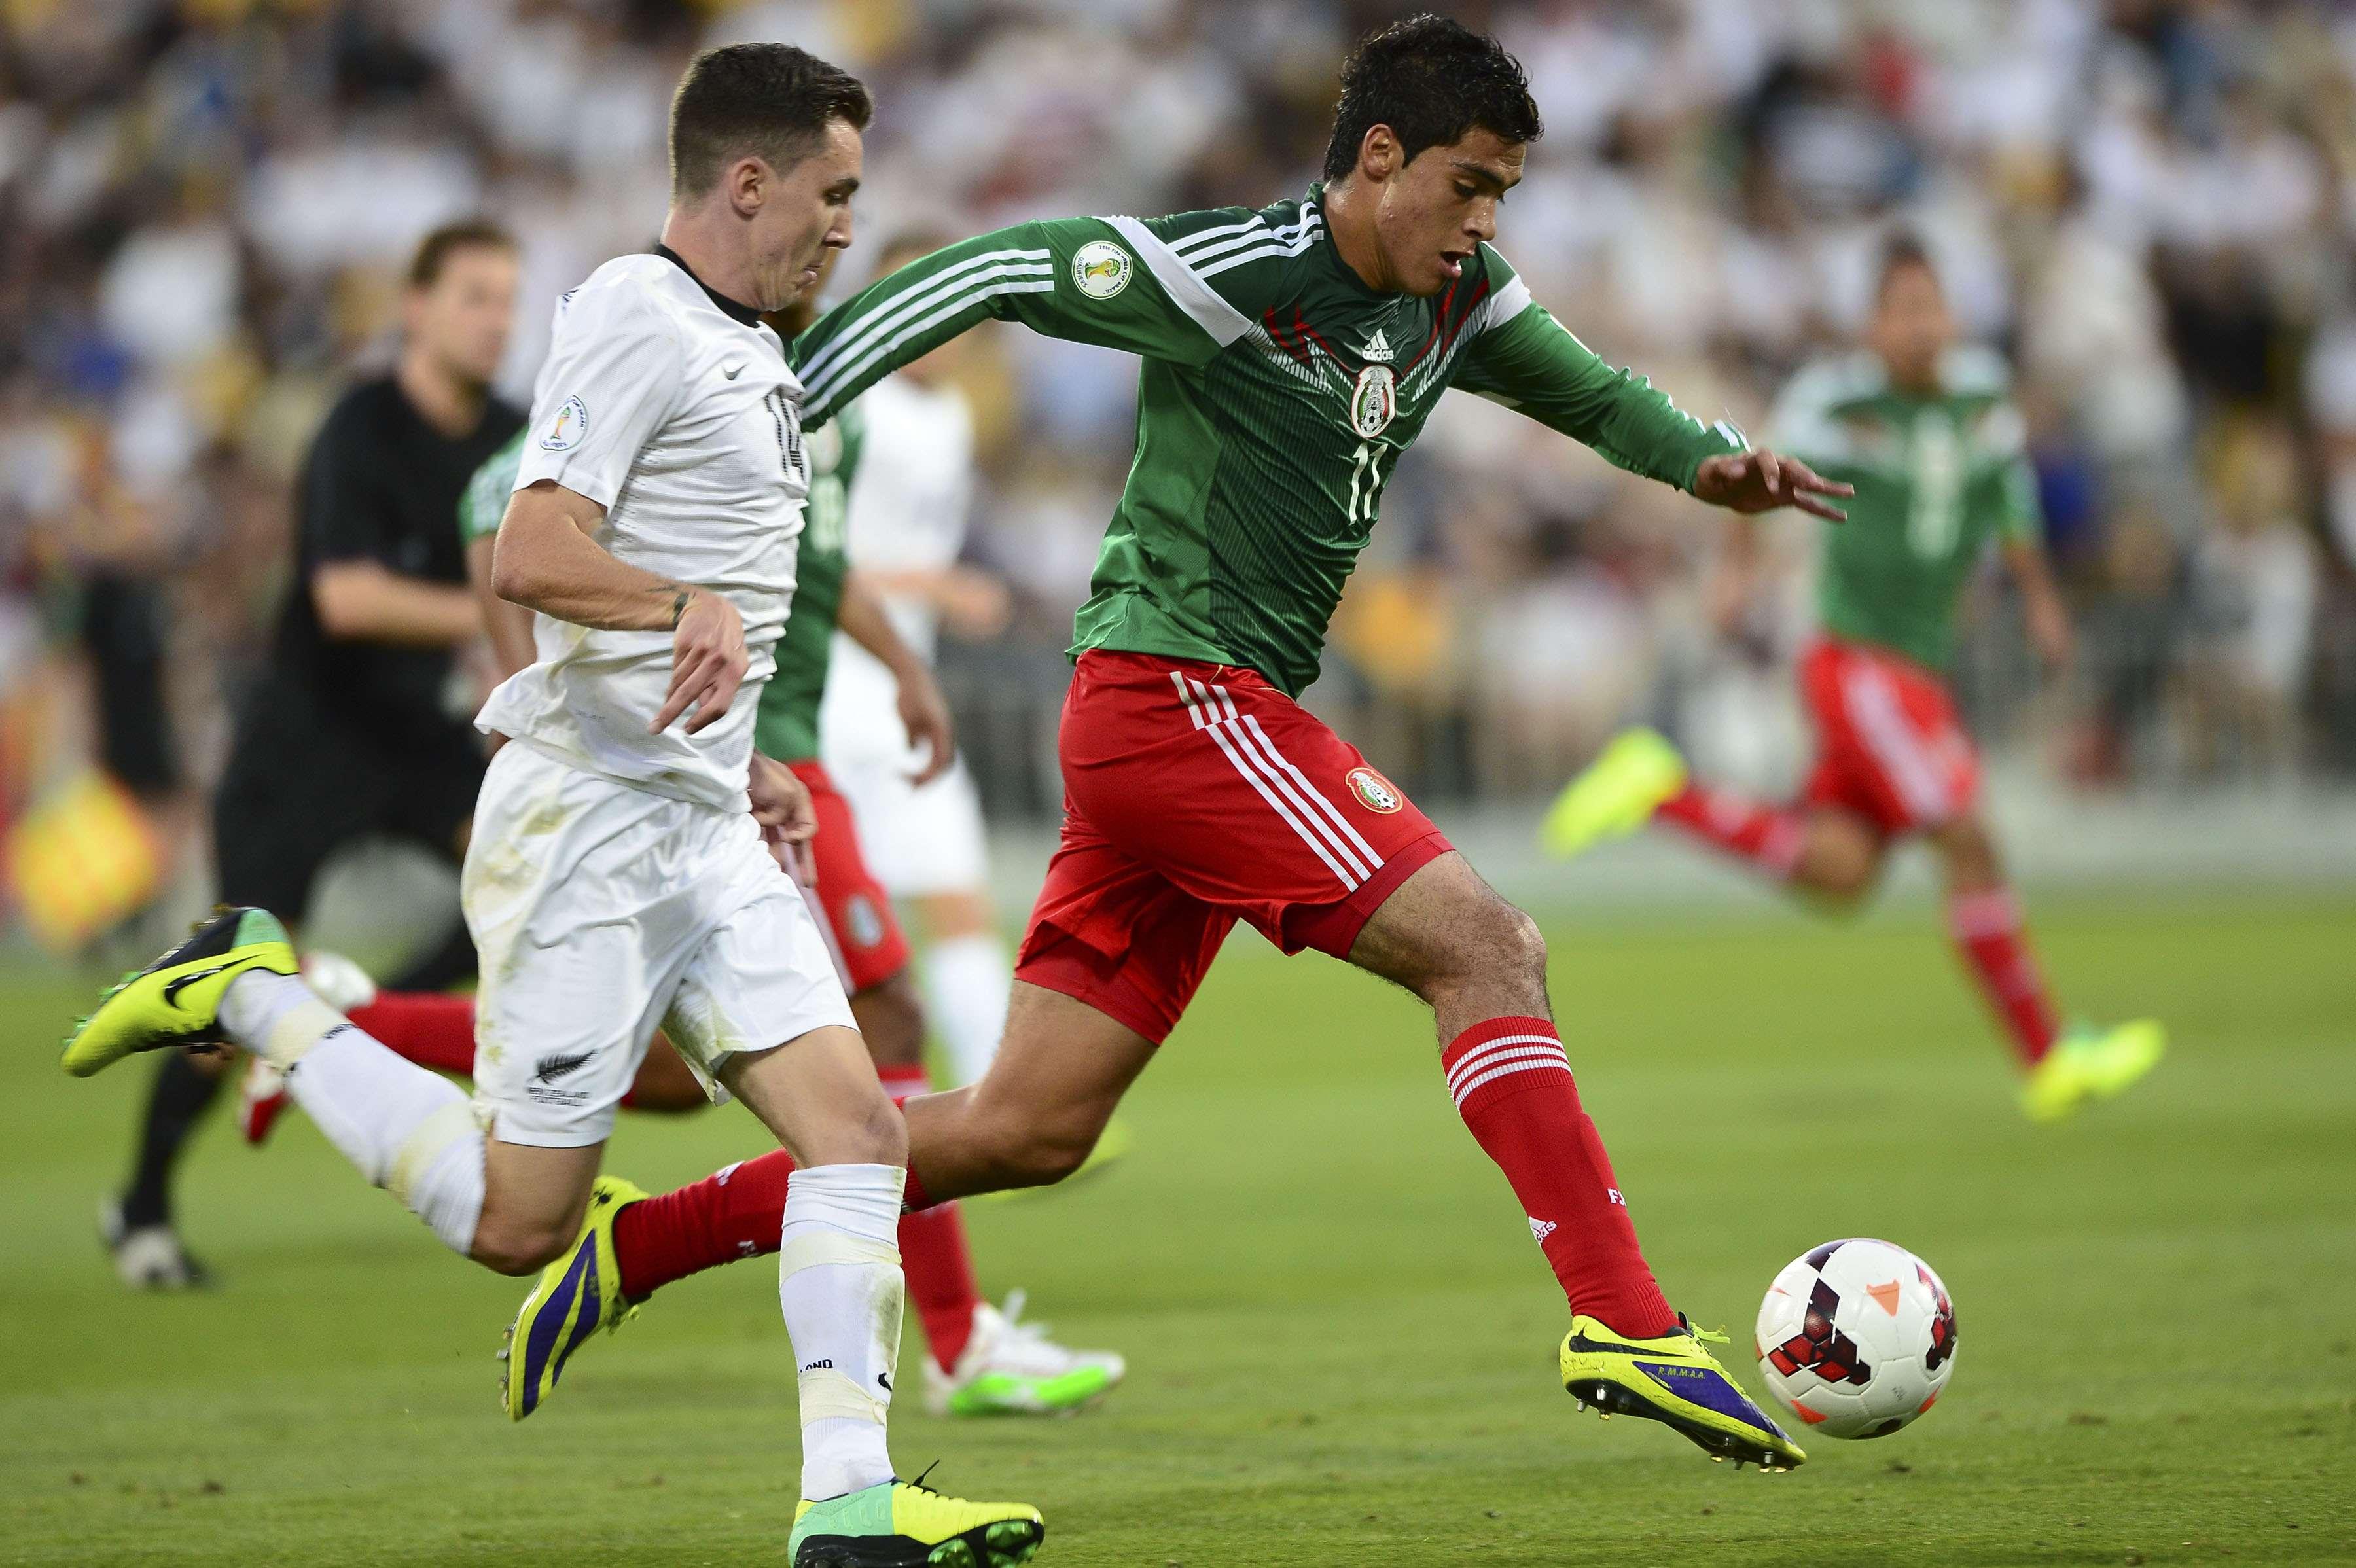 México enfrentó a Nueva Zelanda en el repechaje de Concacaf para el pasado Mundial en Brasil. Foto: Mexsport